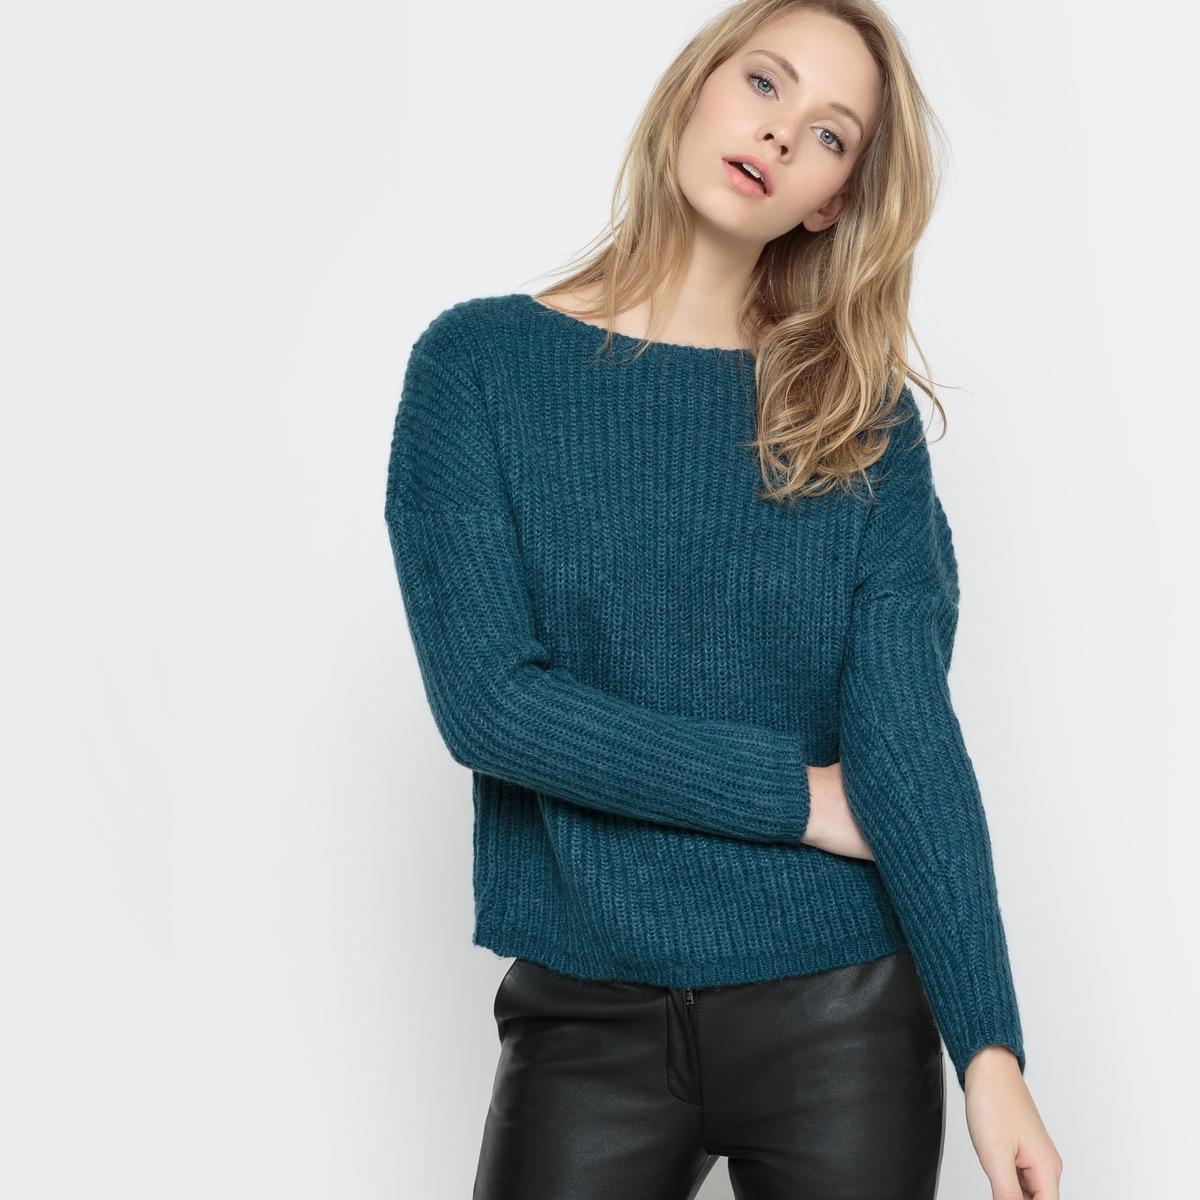 Пуловер теплый с приспущенными проймамиСостав и описание : Материал: 100% акрила.Длина      56 смМарка: R ?dition Уход :Машинная стирка при 30 °C<br><br>Цвет: светло-зеленый,сине-зеленый,телесный